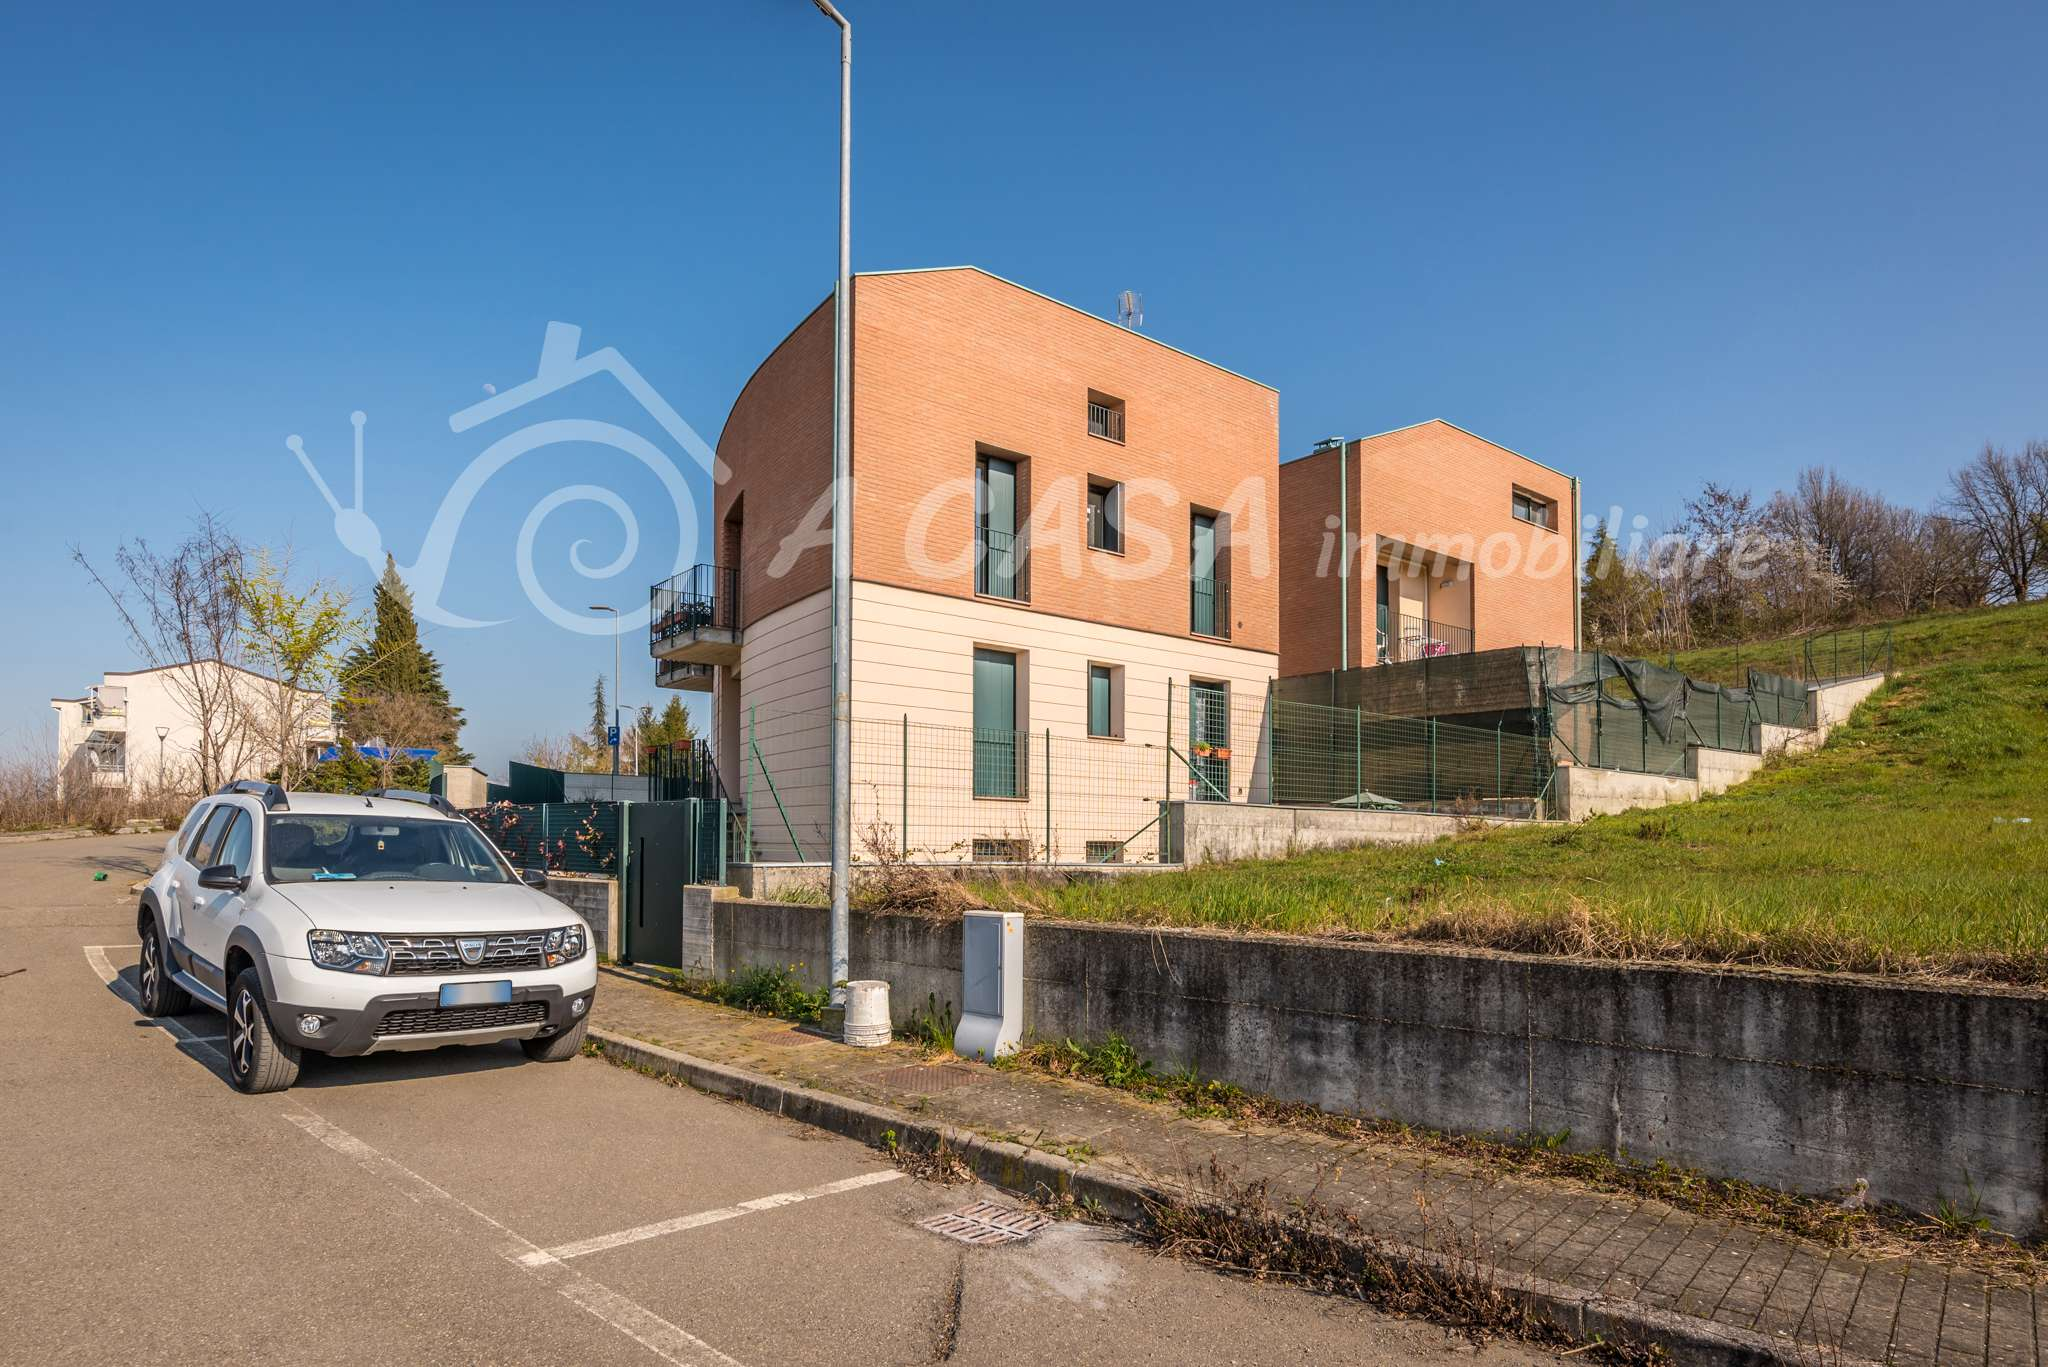 Appartamento in vendita a Fornovo di Taro, 3 locali, prezzo € 165.000 | PortaleAgenzieImmobiliari.it